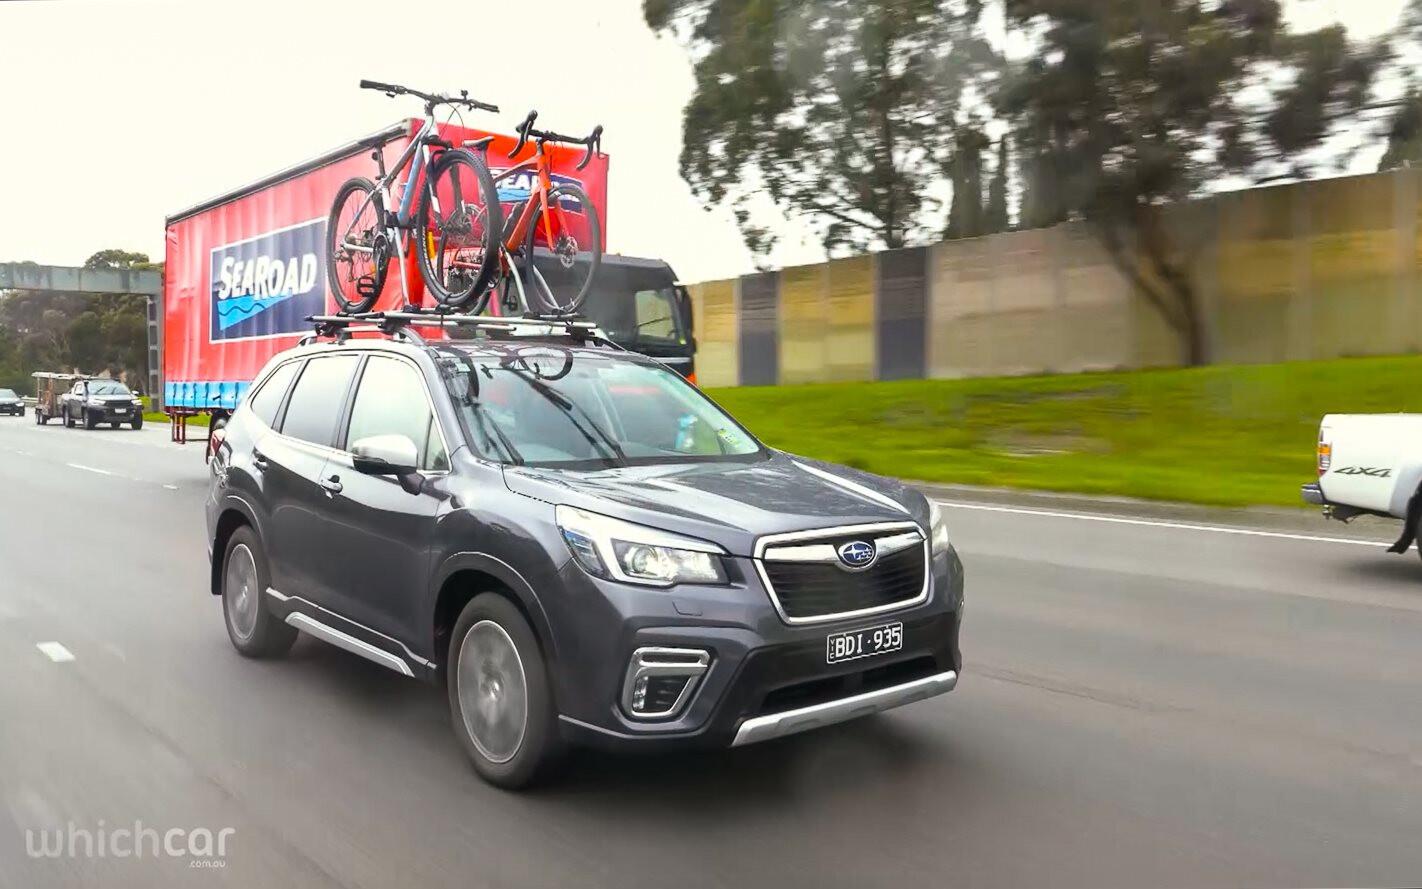 roof racks and fuel efficiency